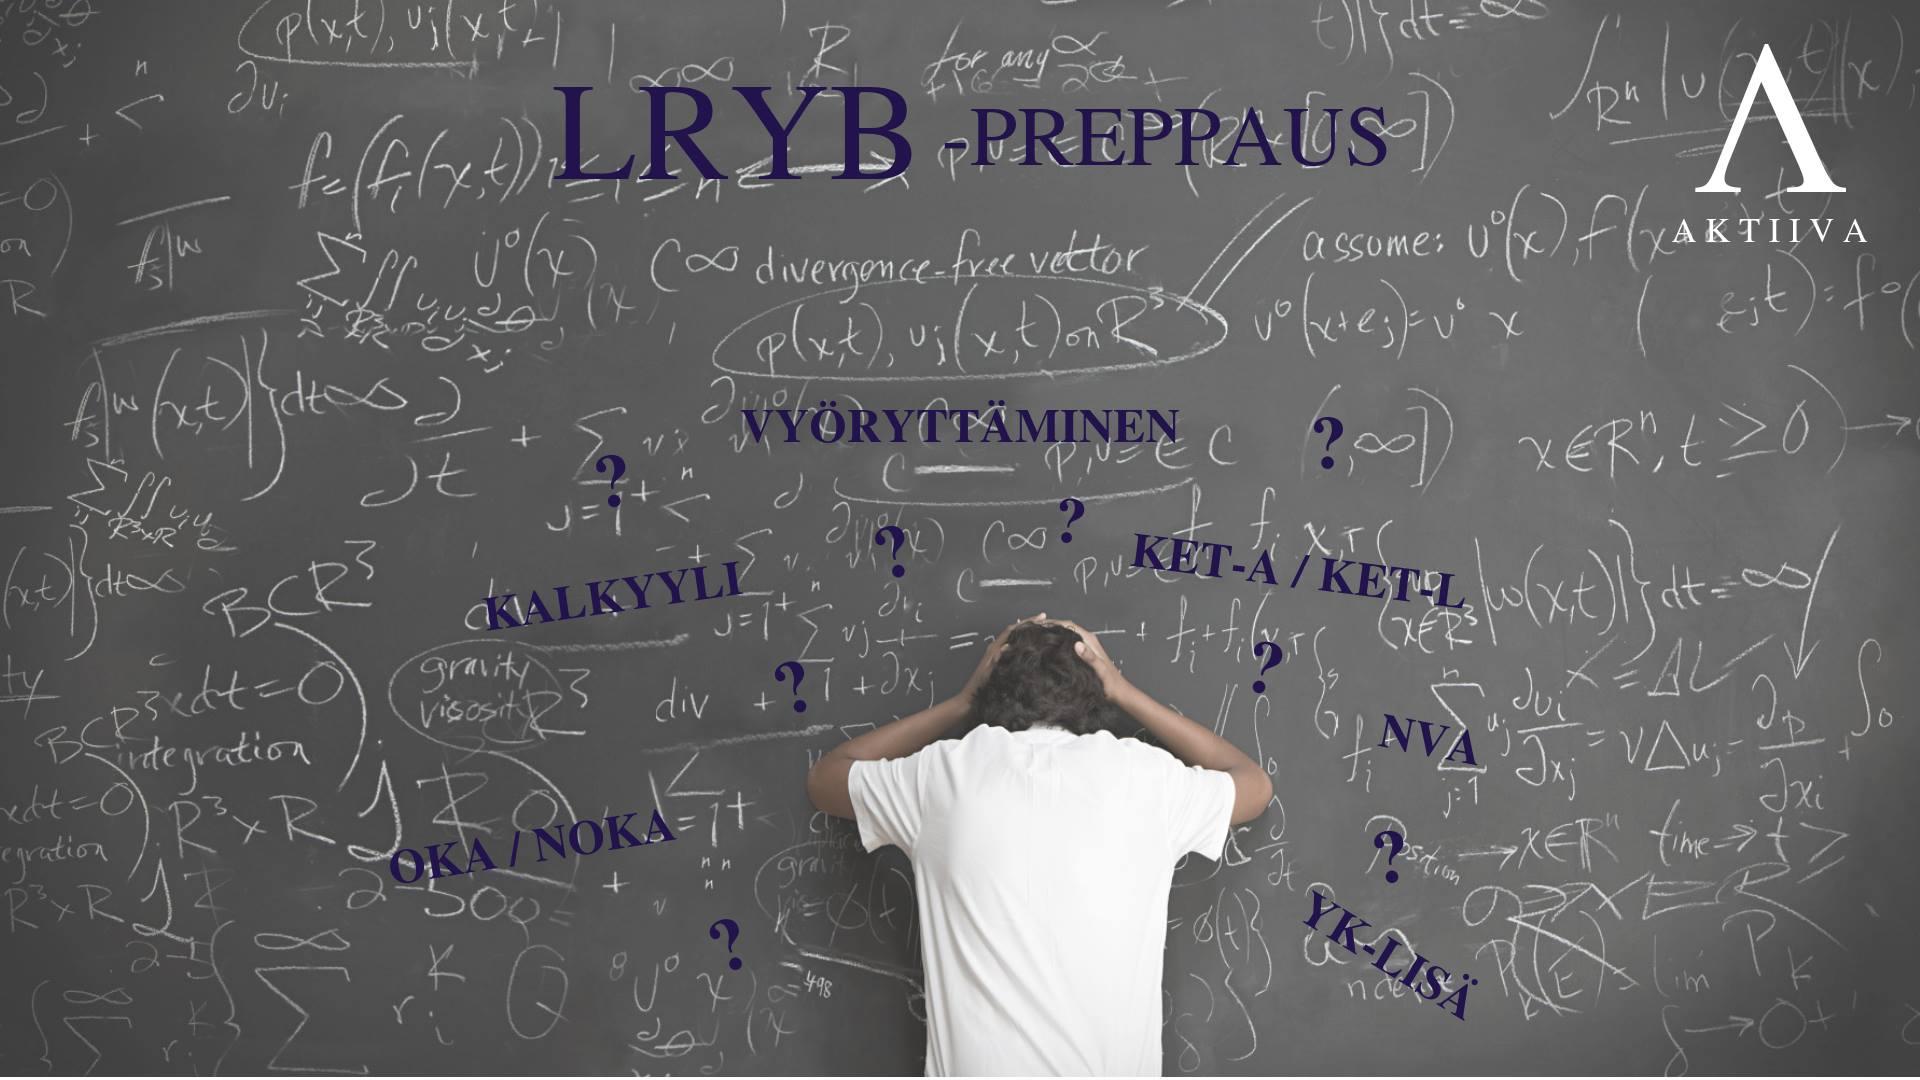 LRYB_preppi